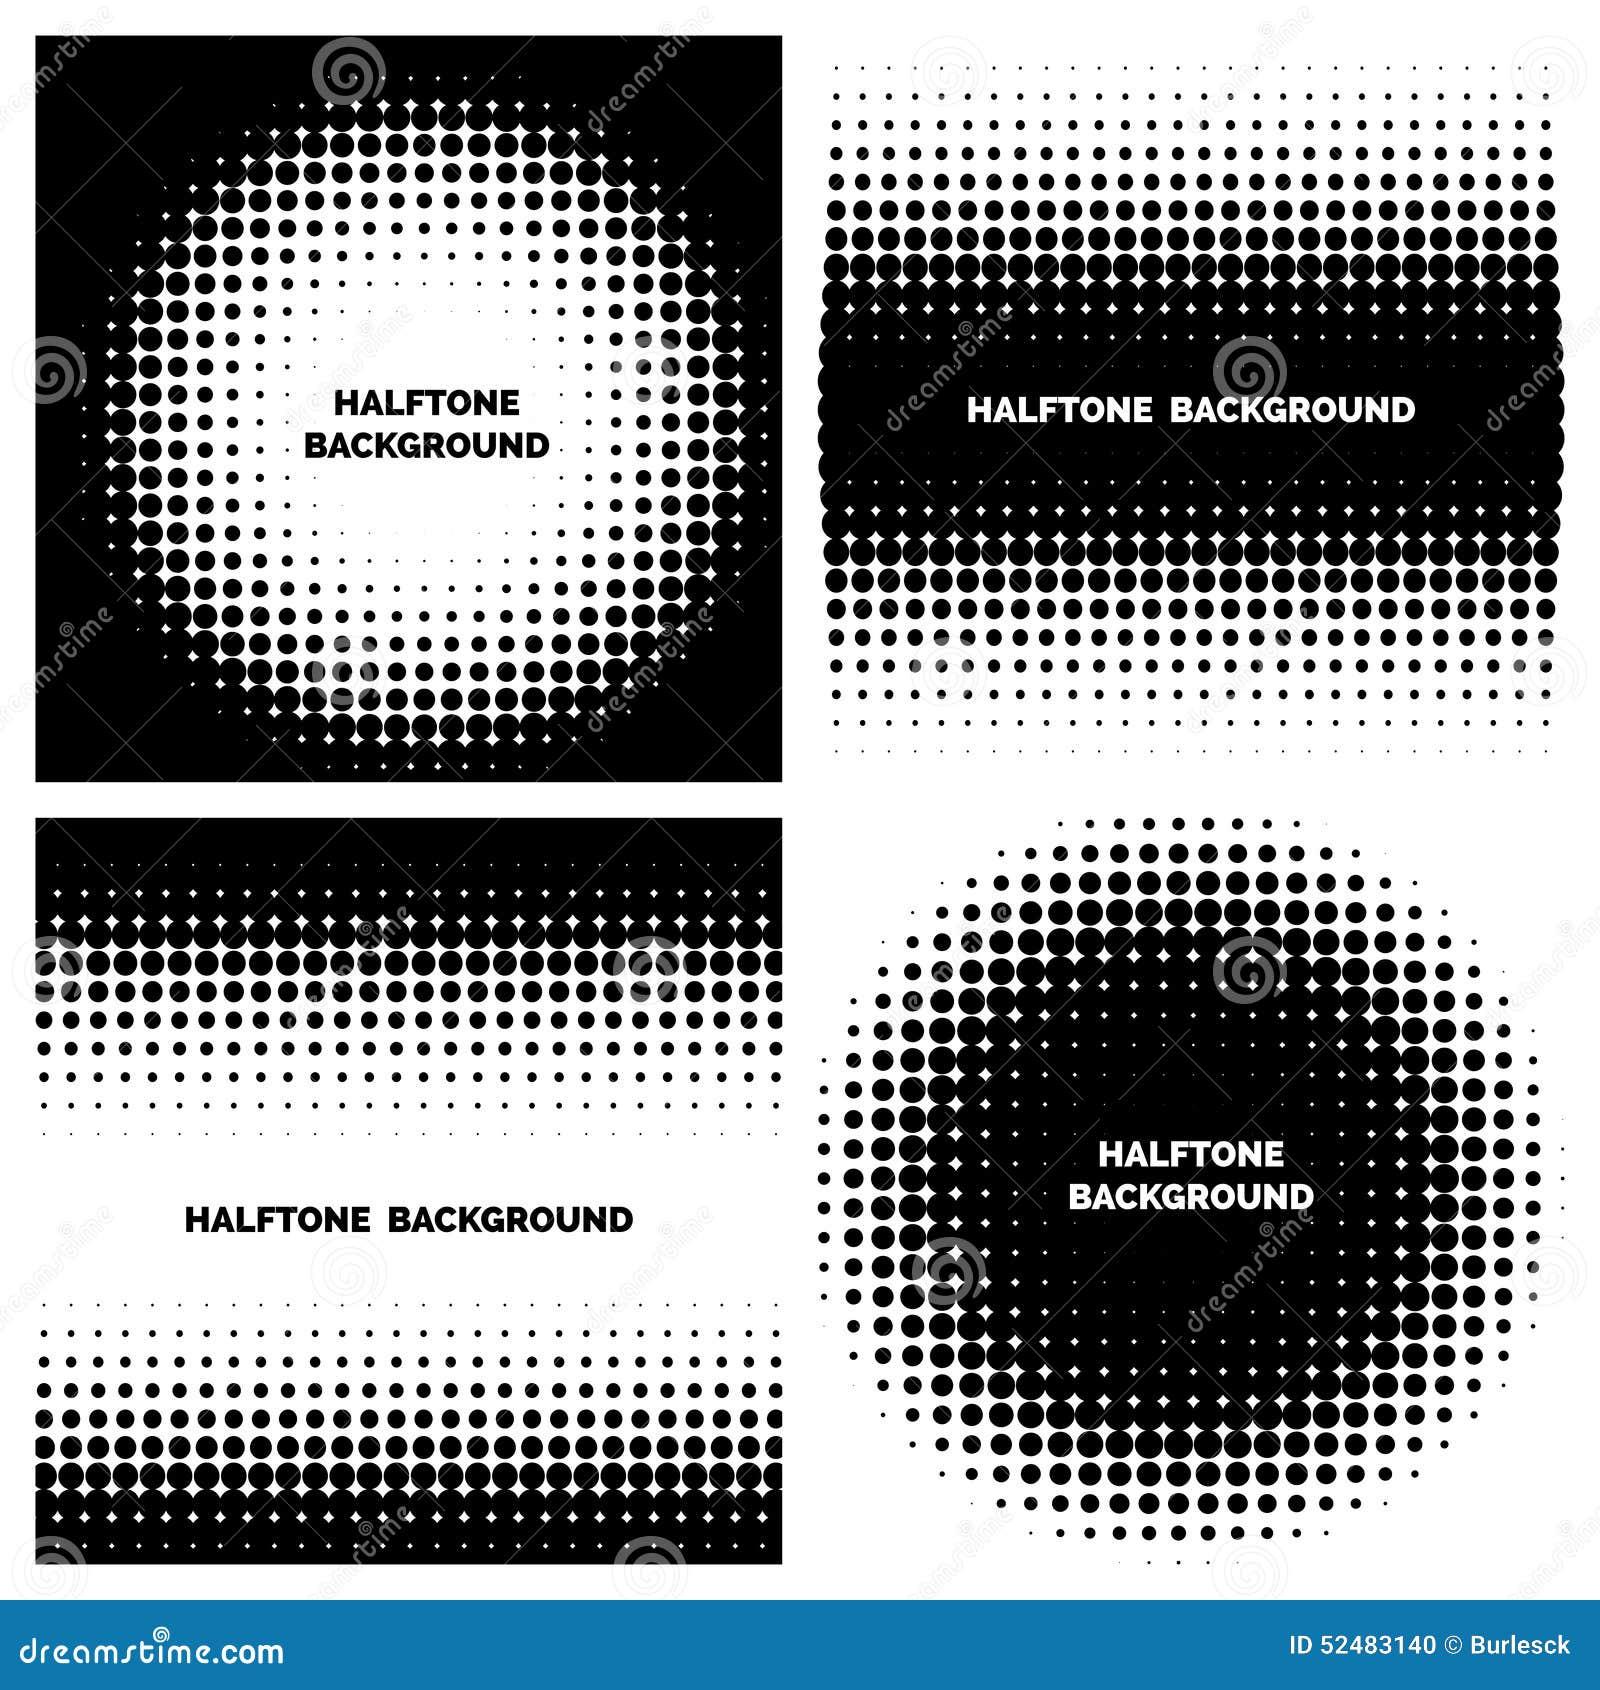 Абстрактные предпосылки полутонового изображения с текстом